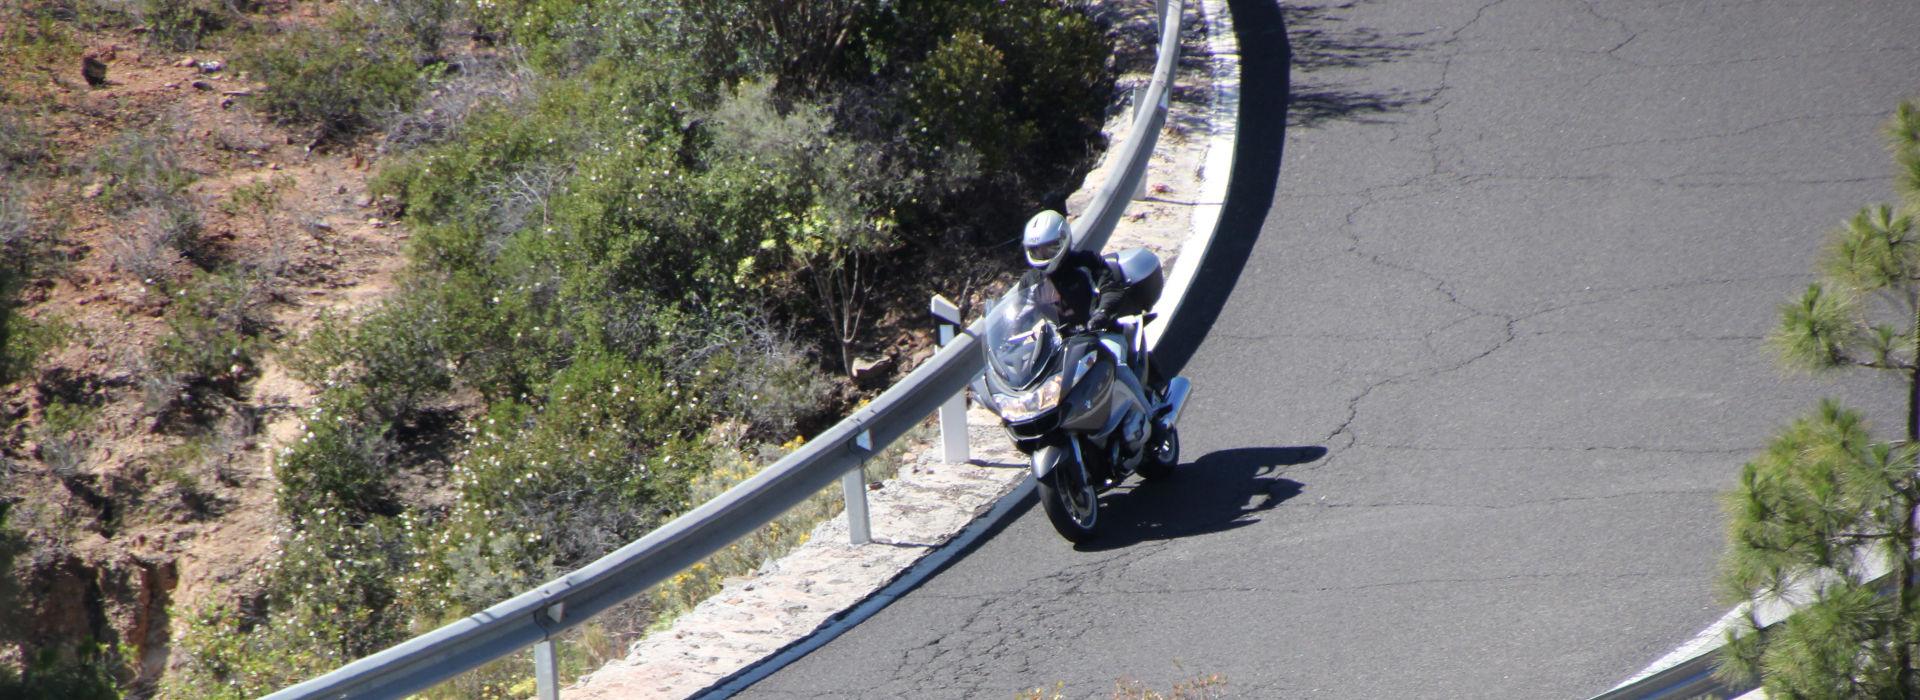 Motorrijbewijspoint Terneuzen spoed motorrijbewijs